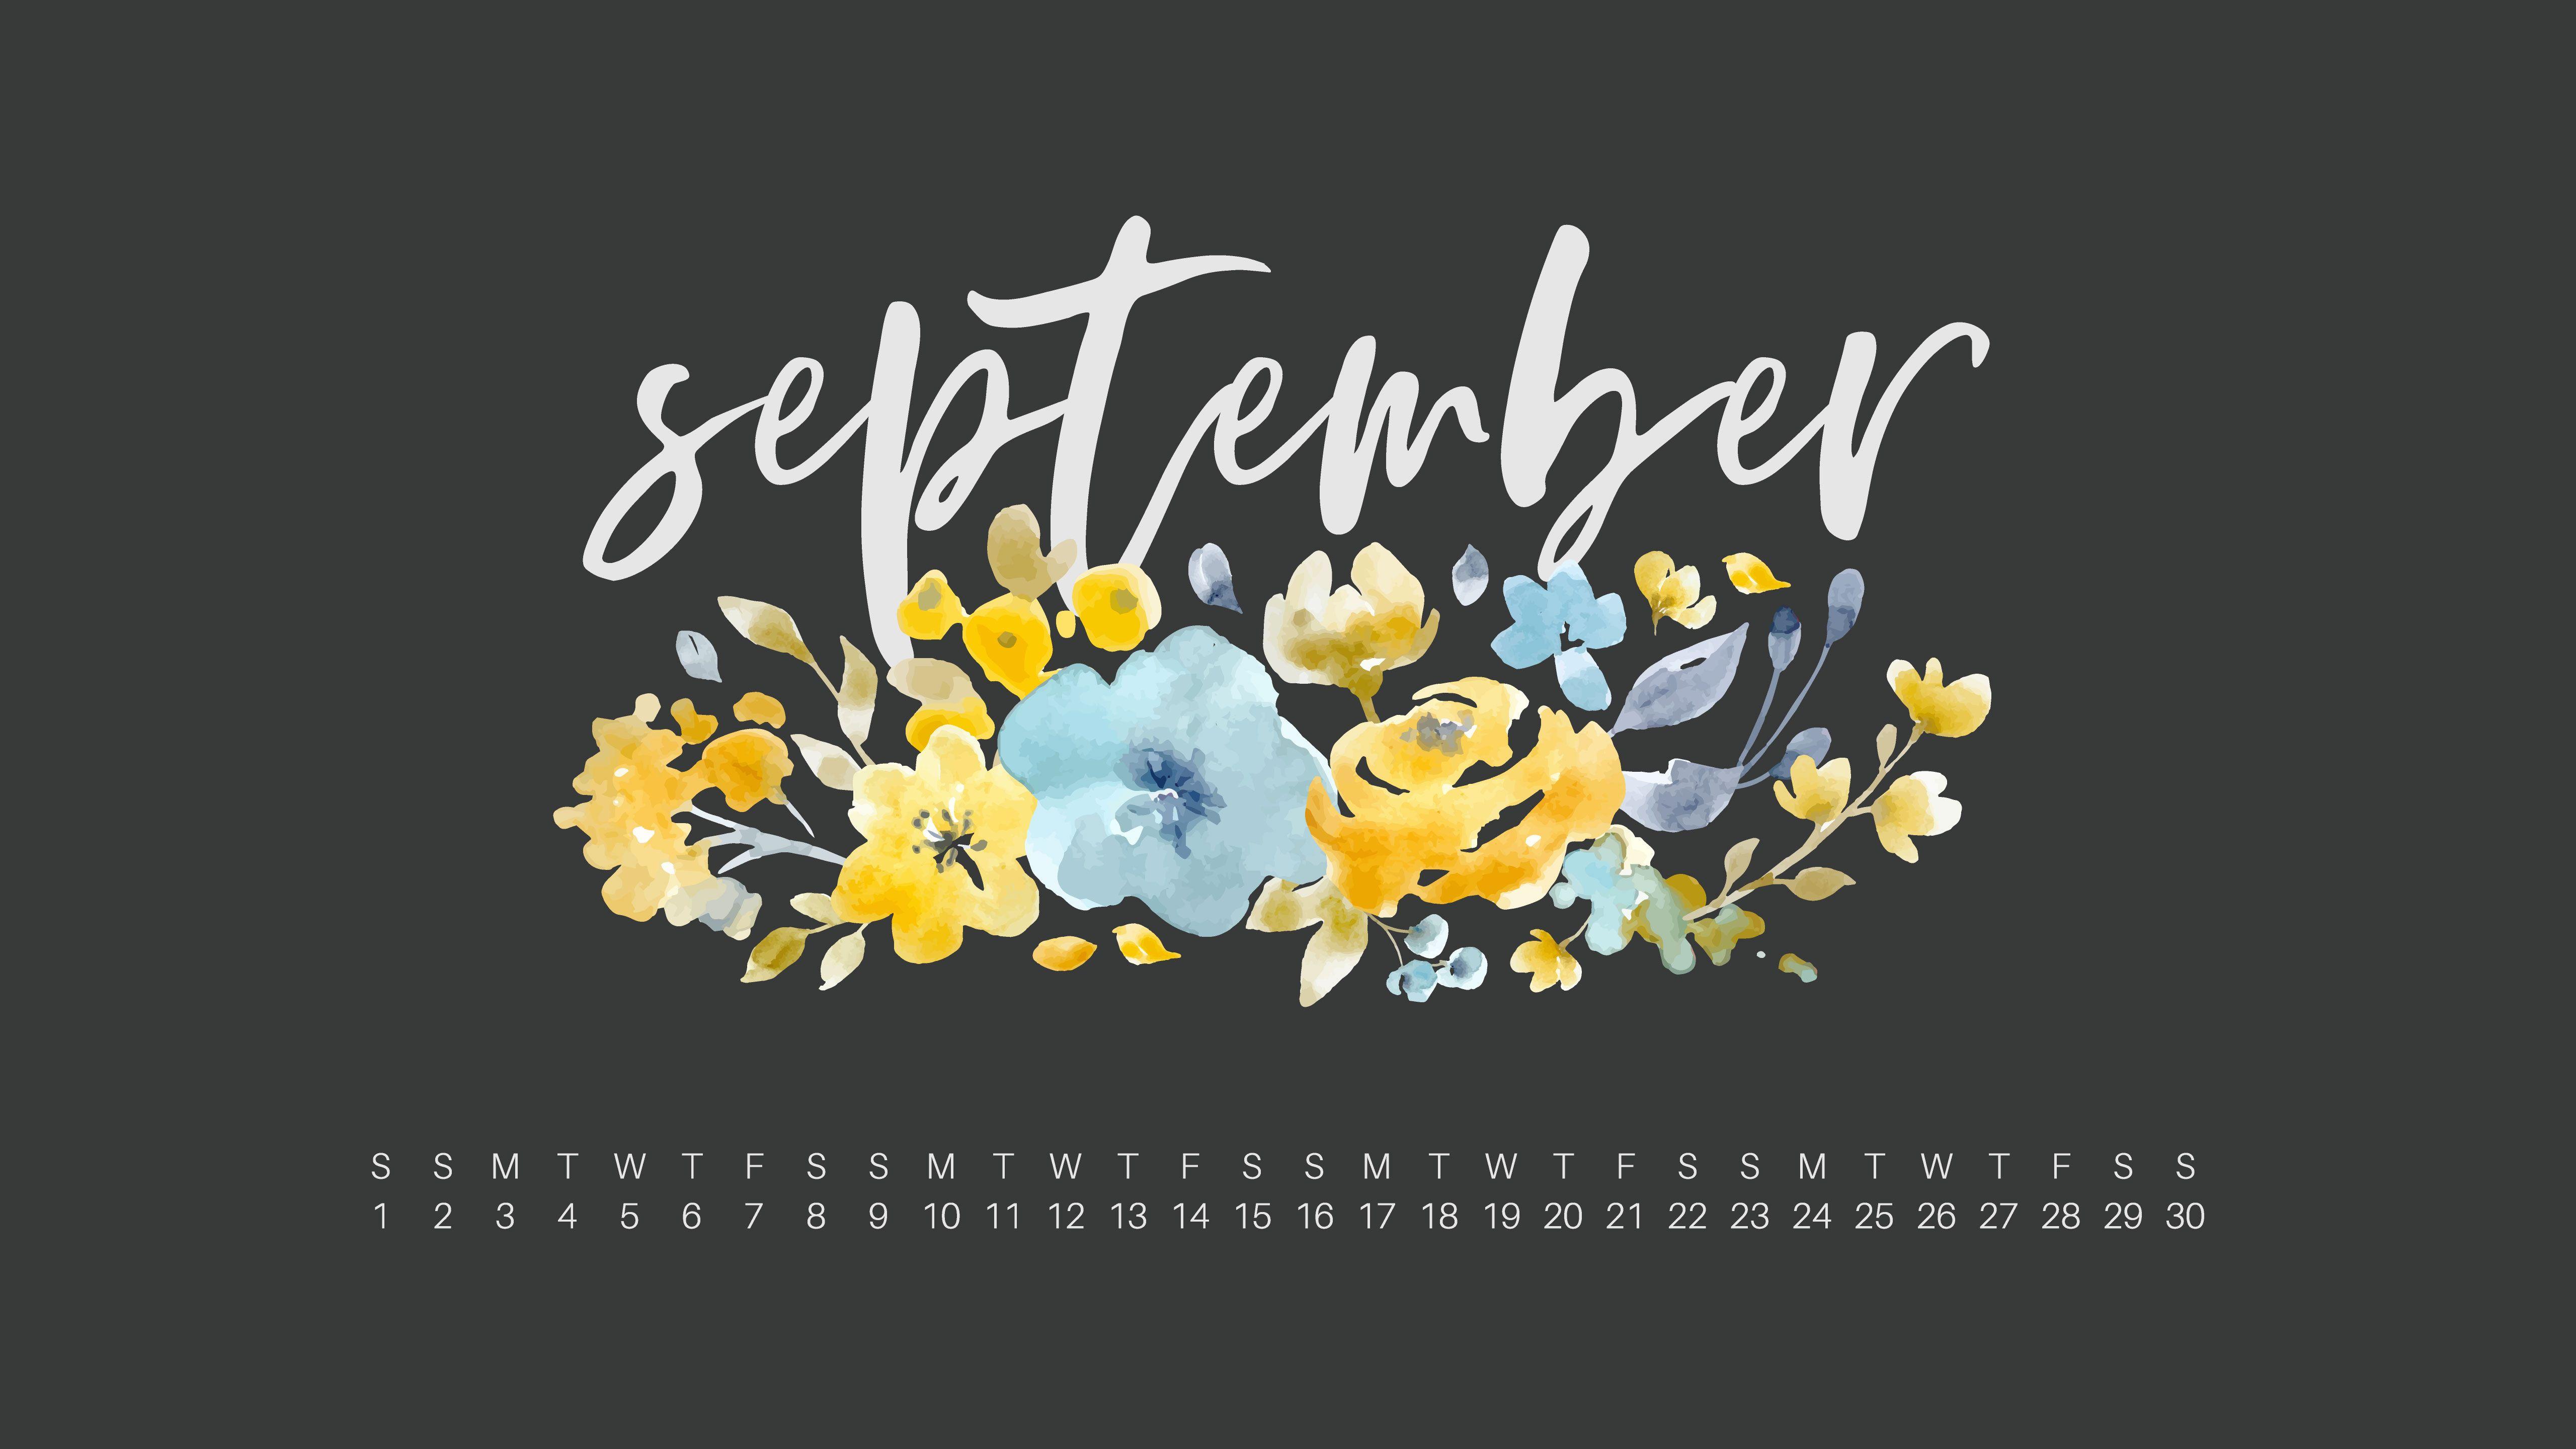 Floral September 2019 Calendar Wallpaper For Pc Calendar Wallpaper September Wallpaper Wallpaper Pc